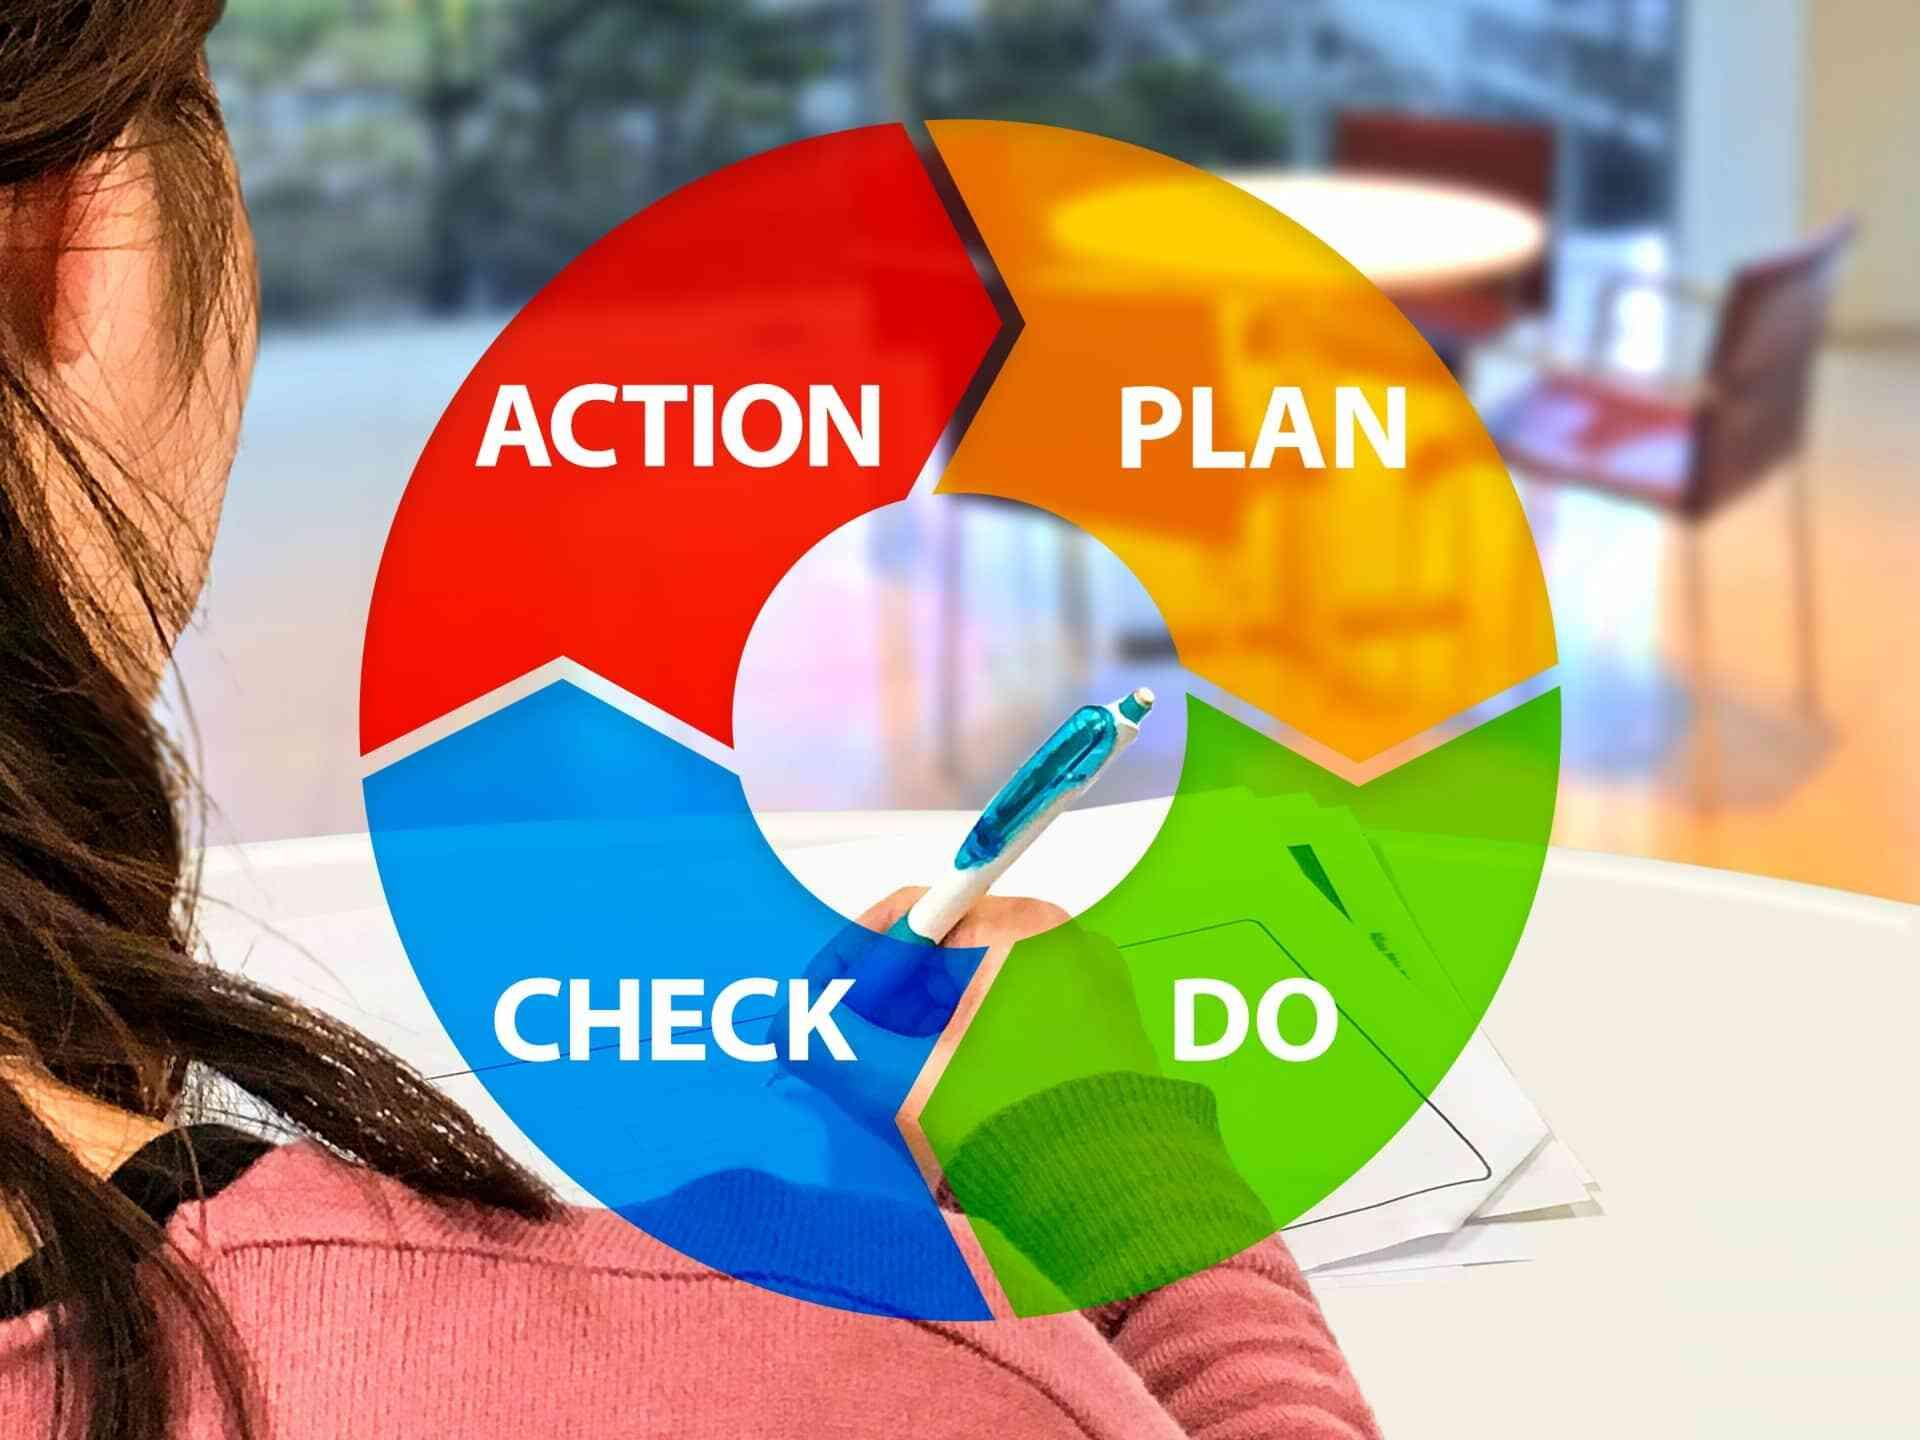 企業分析の際のフレームワークを紹介